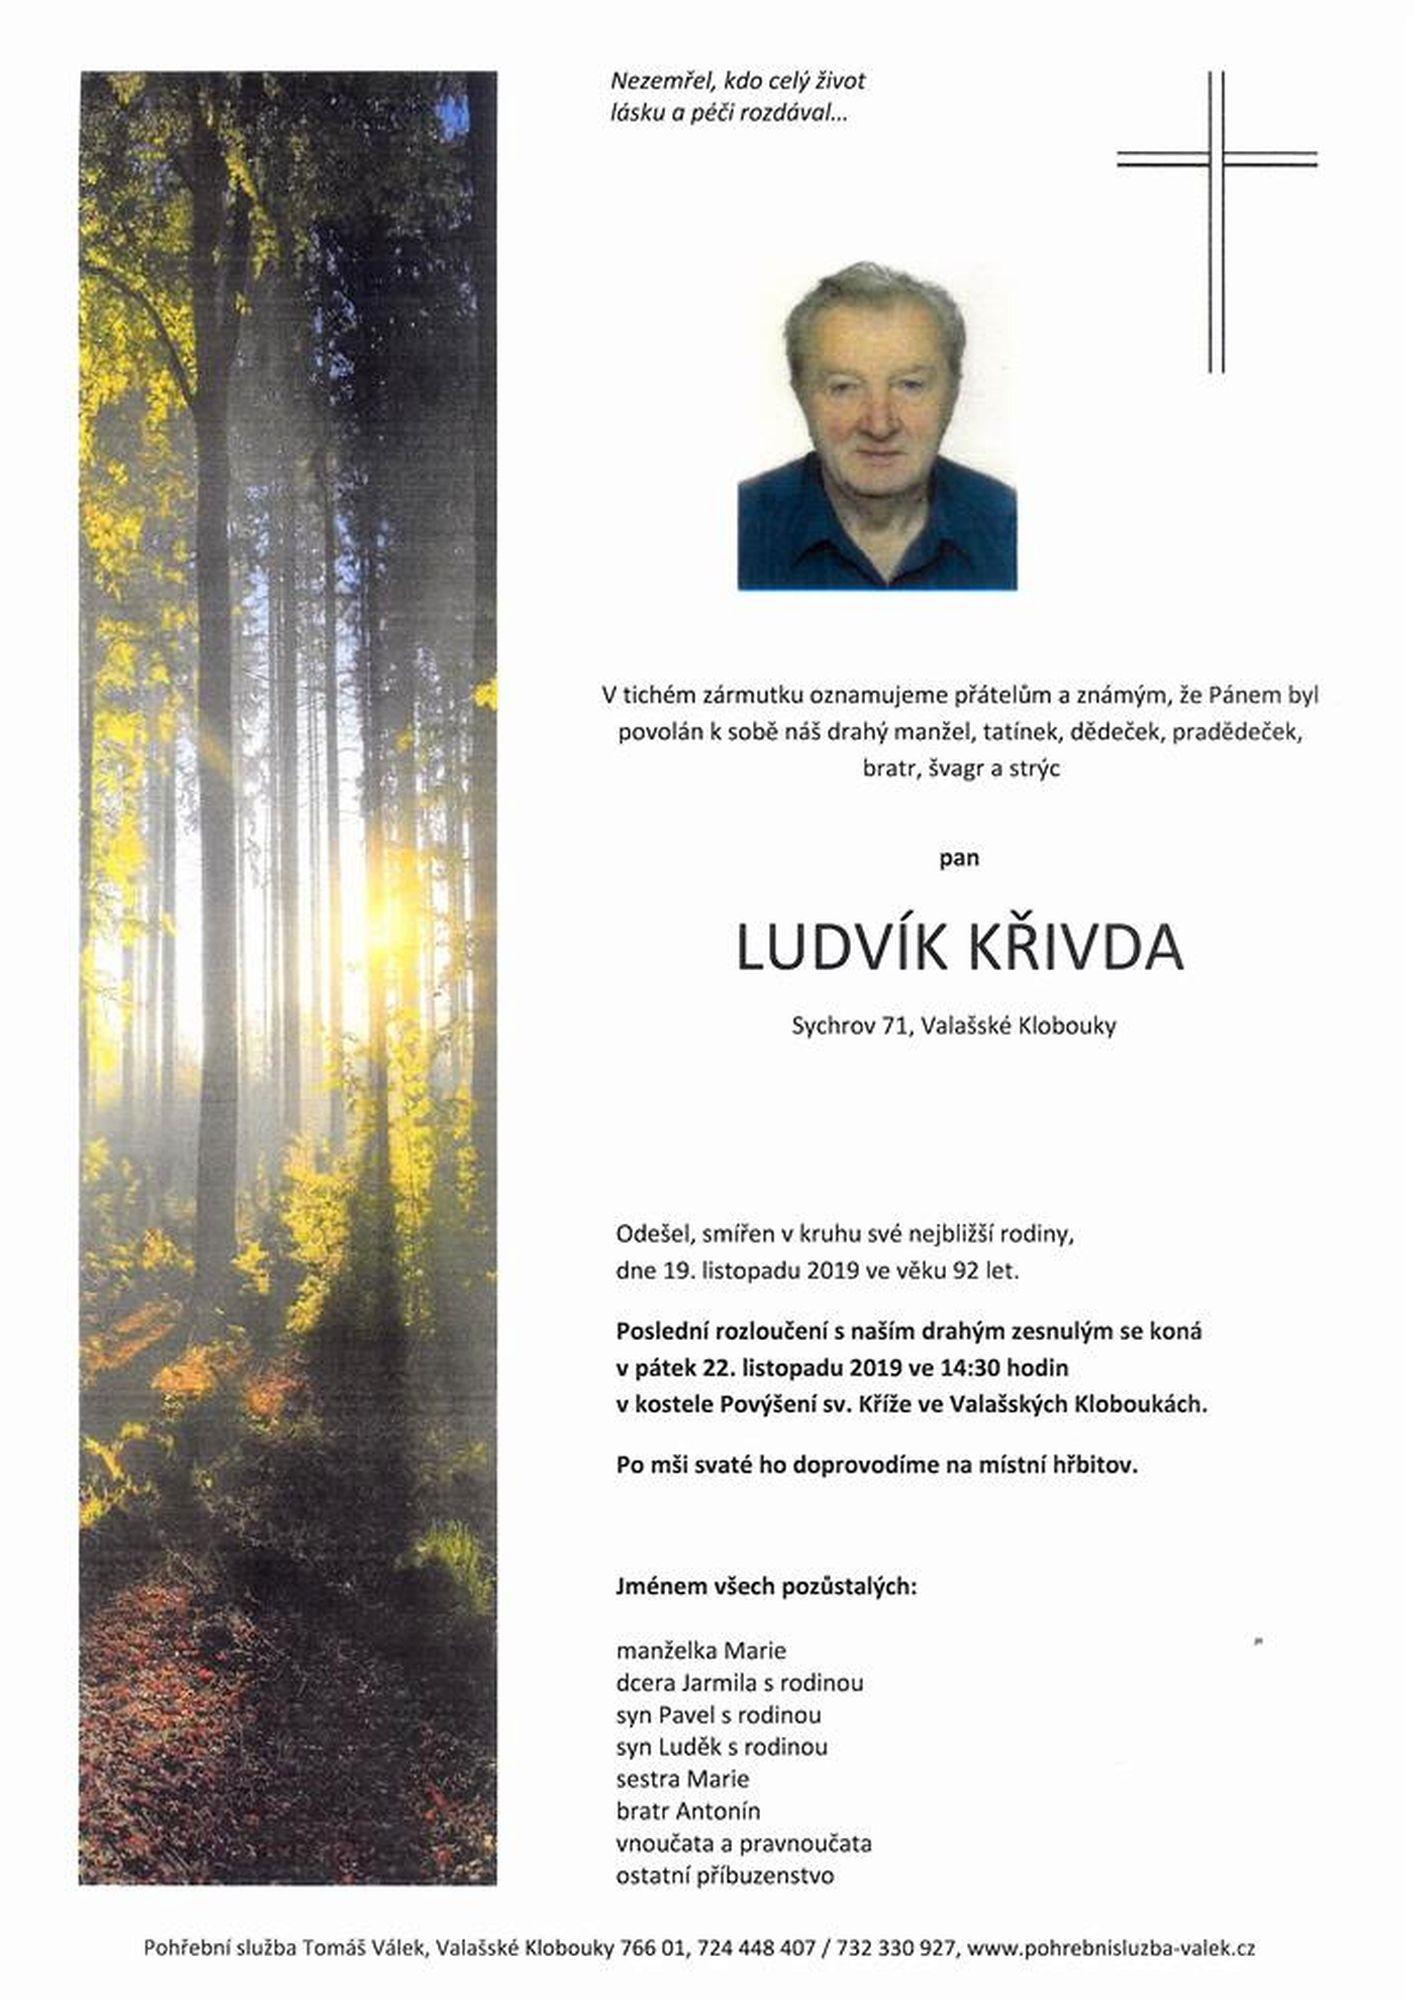 Ludvík Křivda